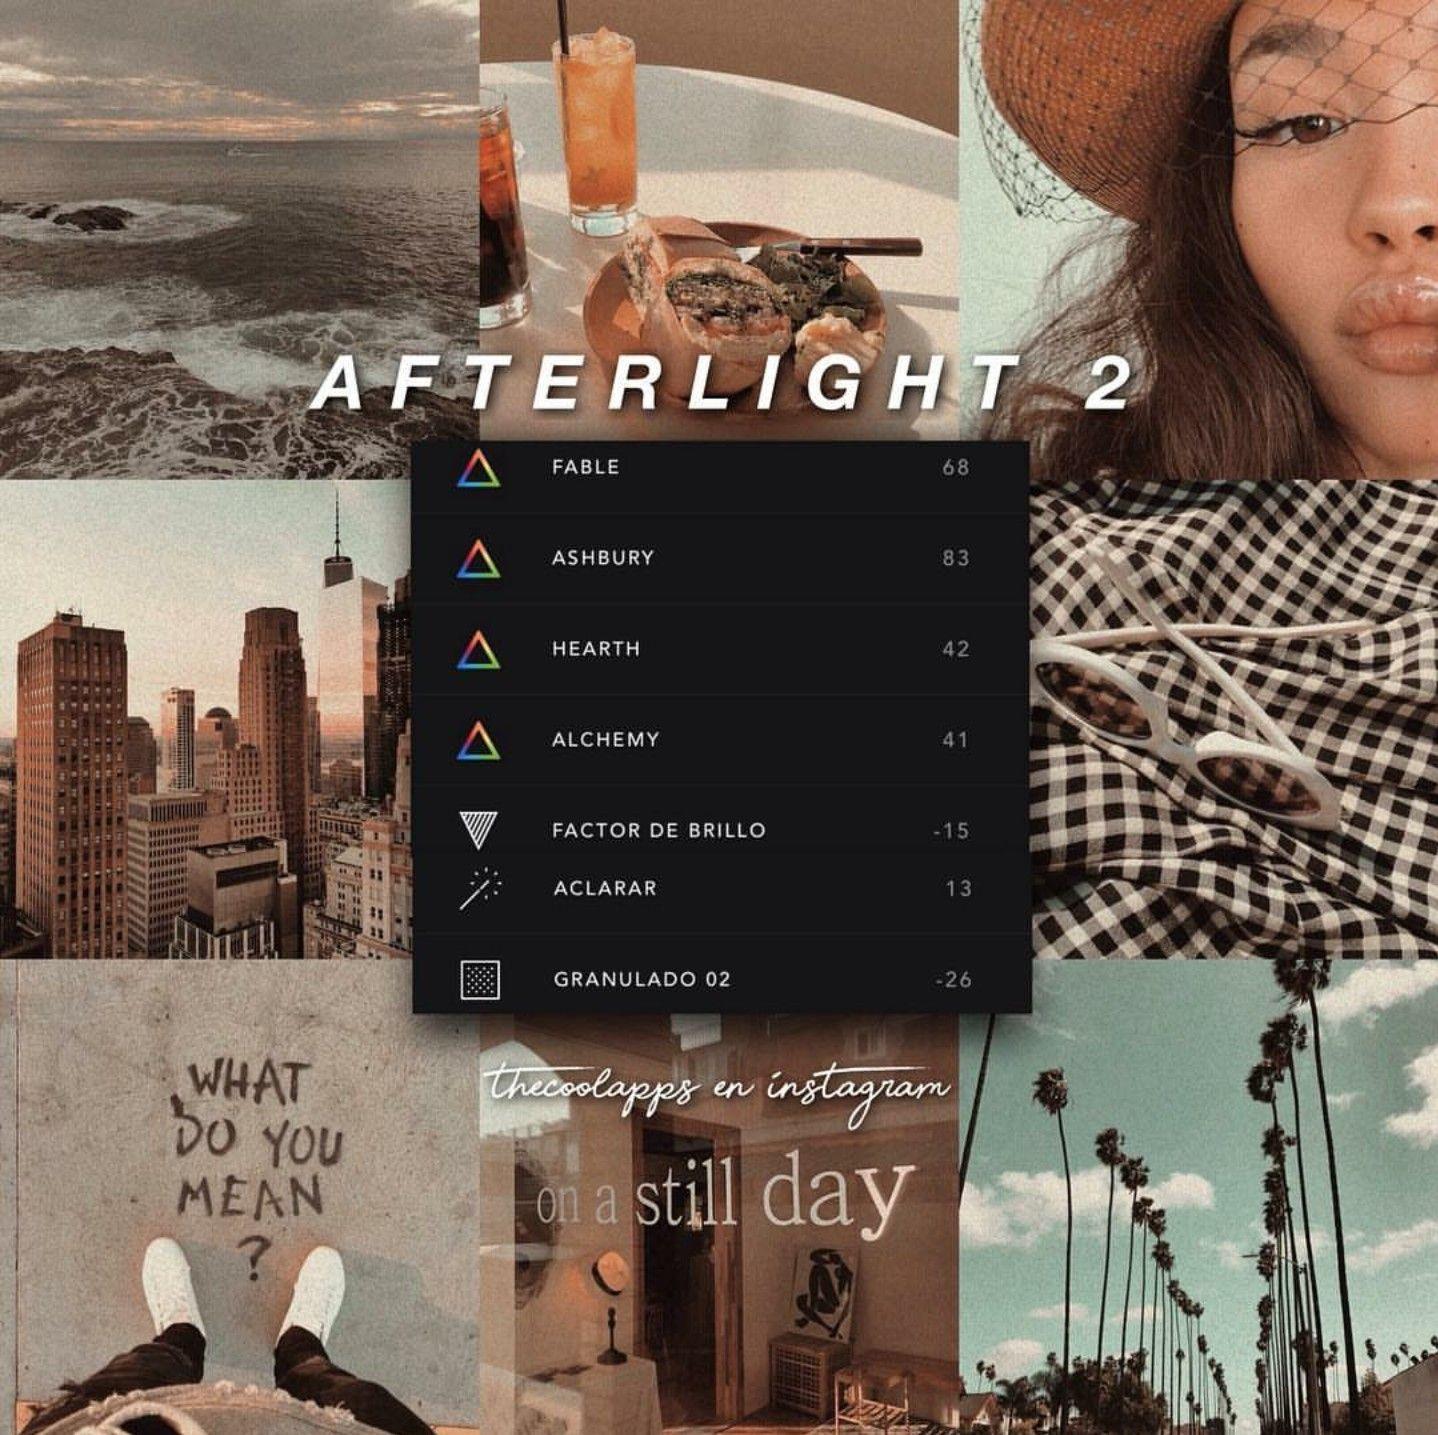 Các bộ lọc cao cấp hơn trên app chỉnh ảnh retro Afterlight 2